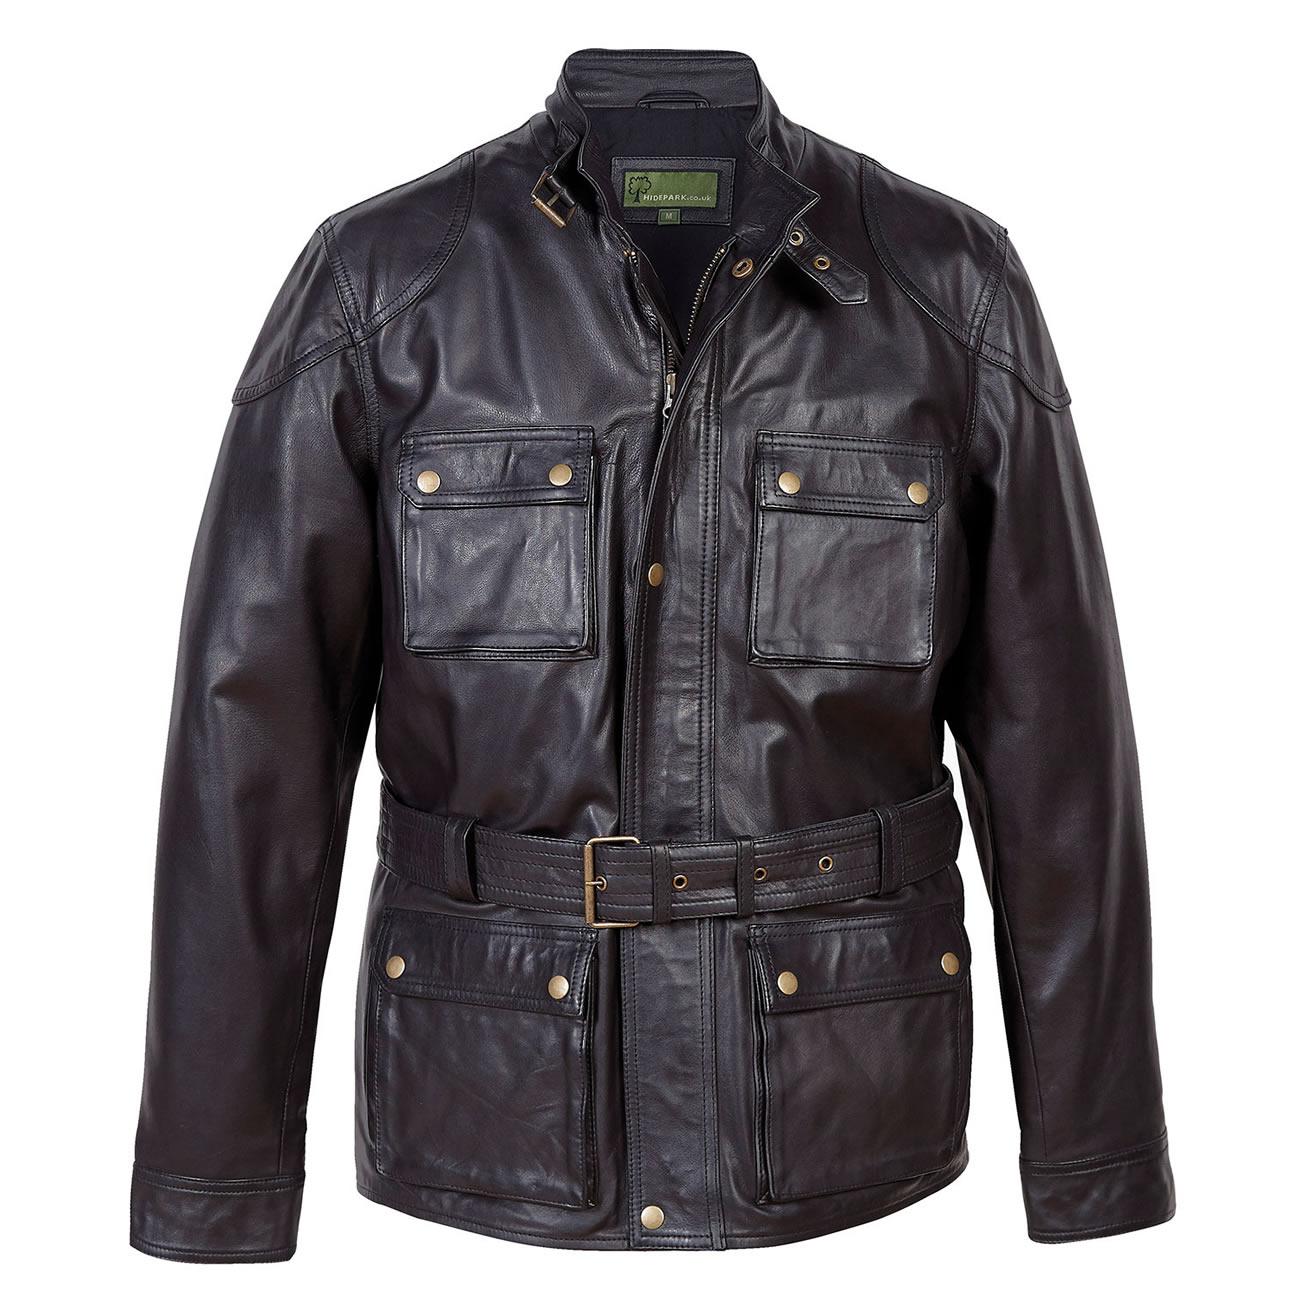 Gents Leather Coat Black Trent